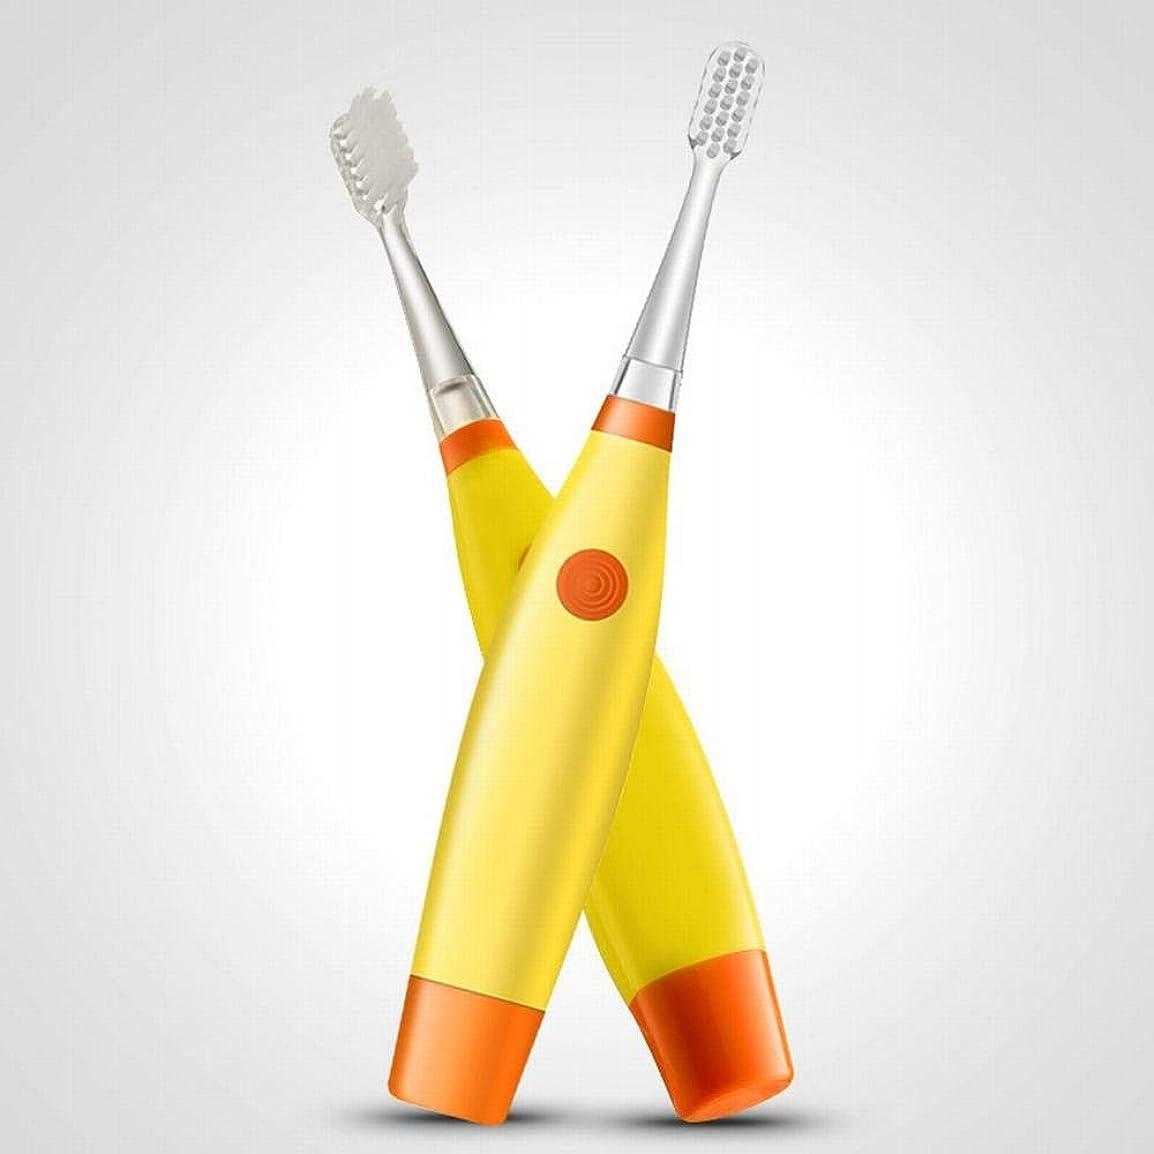 ファントム右爆風電動歯ブラシ 乾電池式子供用電動歯ブラシQuip Toothbrush電動歯ブラシヘッド (色 : Yellow)